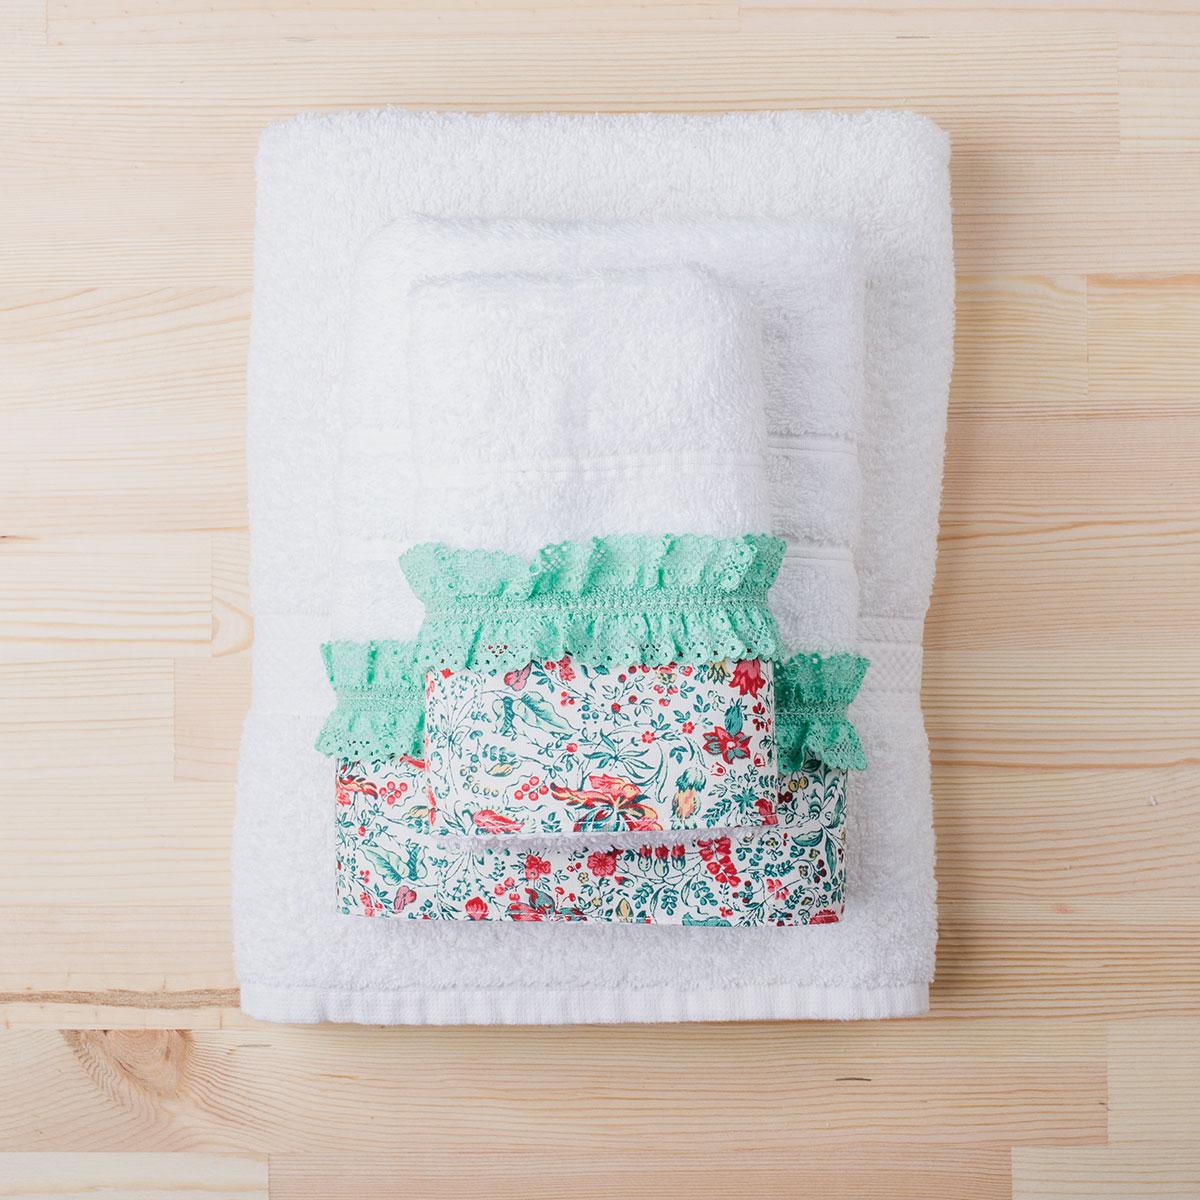 Πετσέτες Μπάνιου (Σετ 3τμχ) White Fabric Primore White